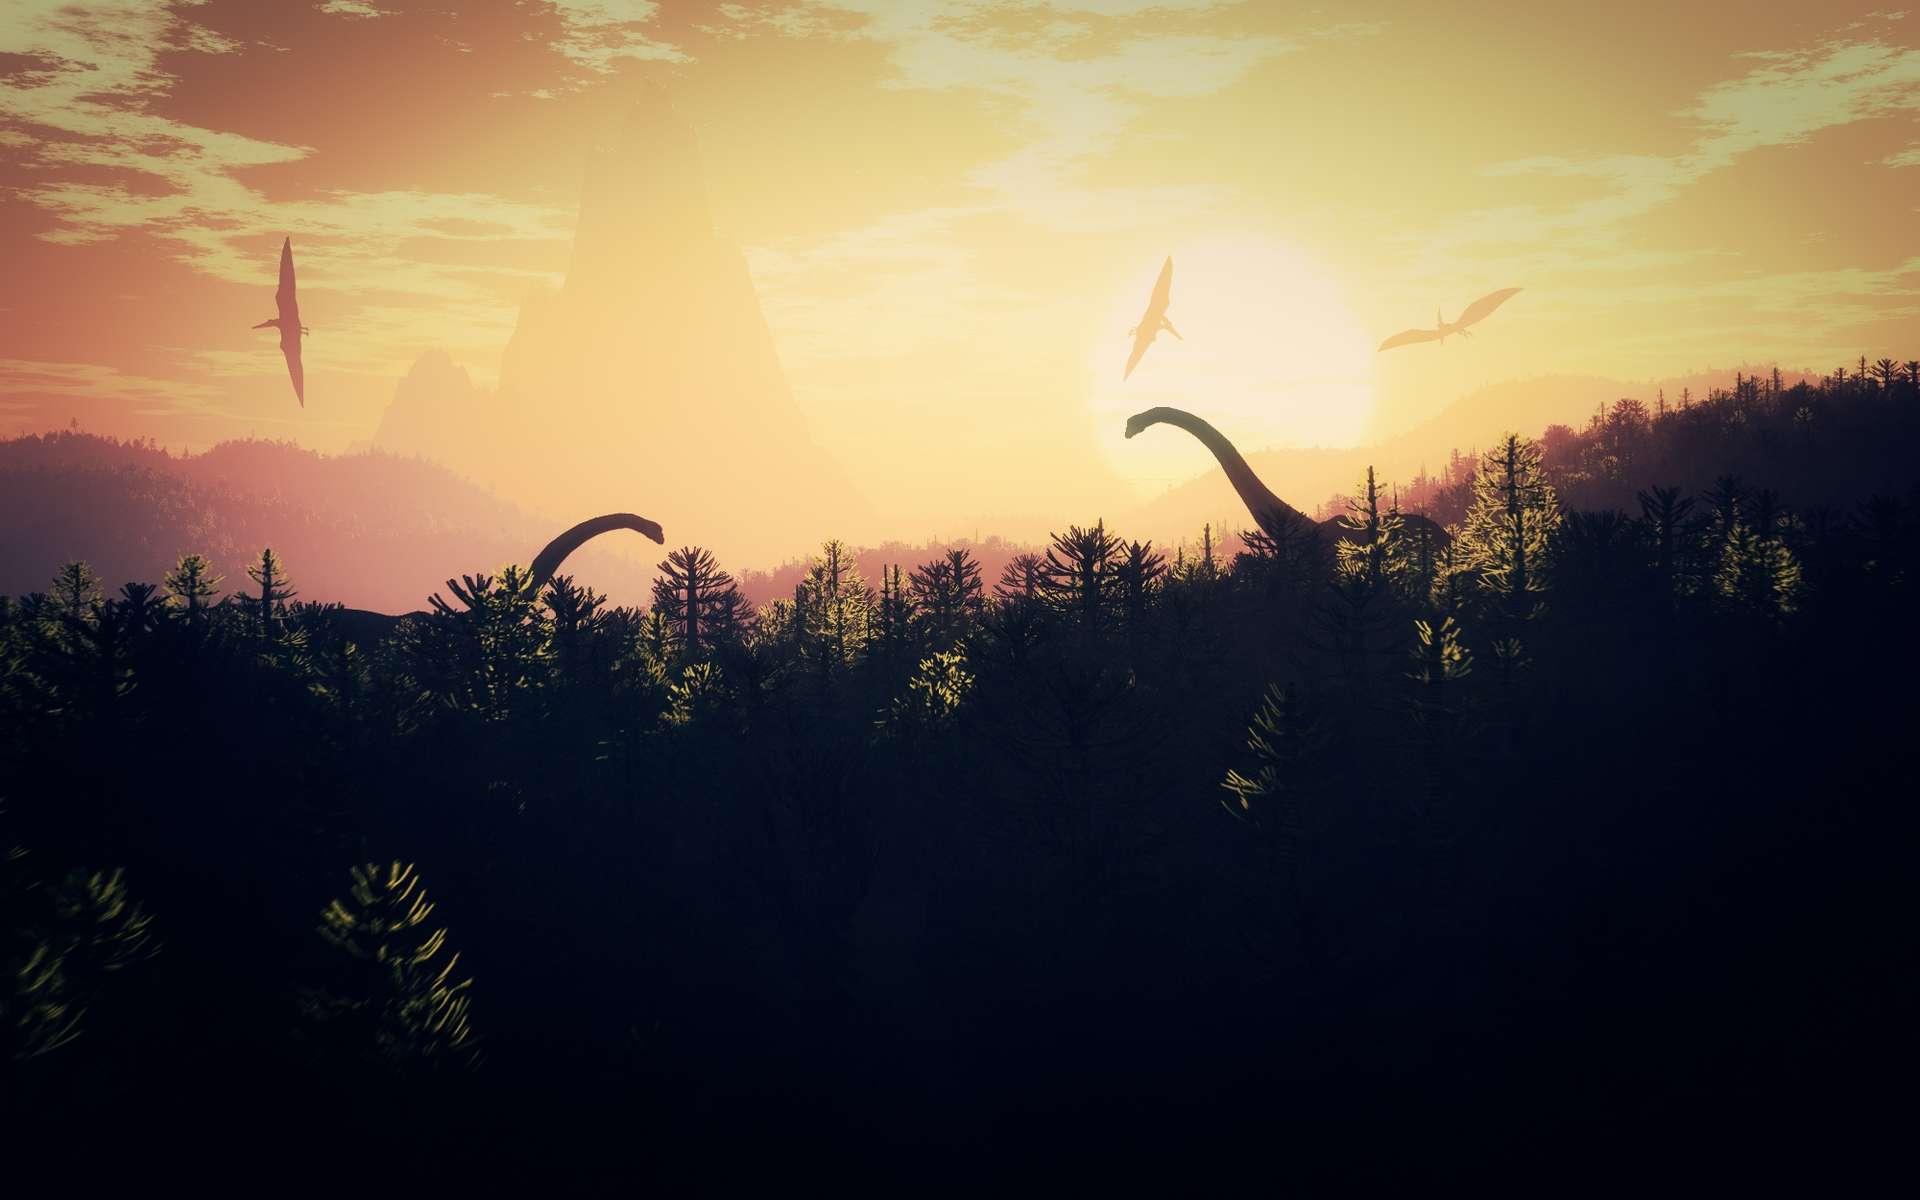 Une vue d'artiste du monde des dinosaures avant qu'ils ne disparaissent au Crétacé. © boscorelli, shutterstock